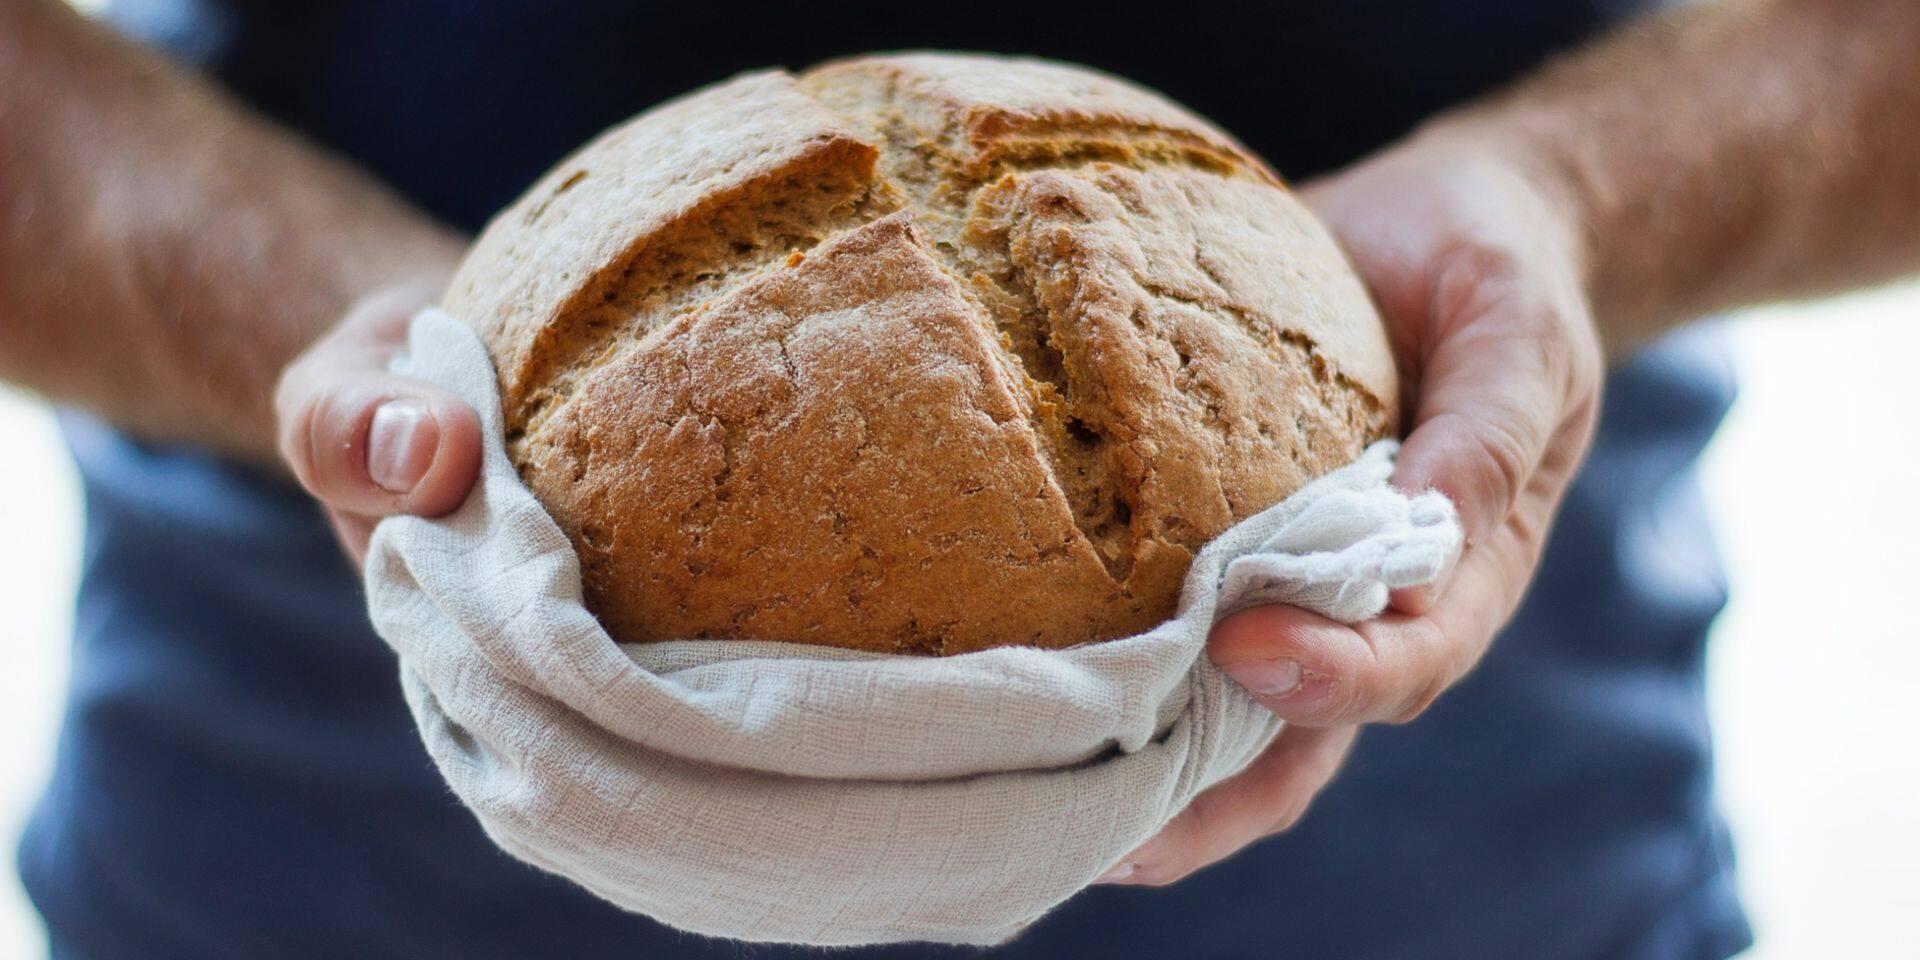 Journée mondiale du pain : cinq idées reçues sur cet aliment tellement présent dans nos habitudes